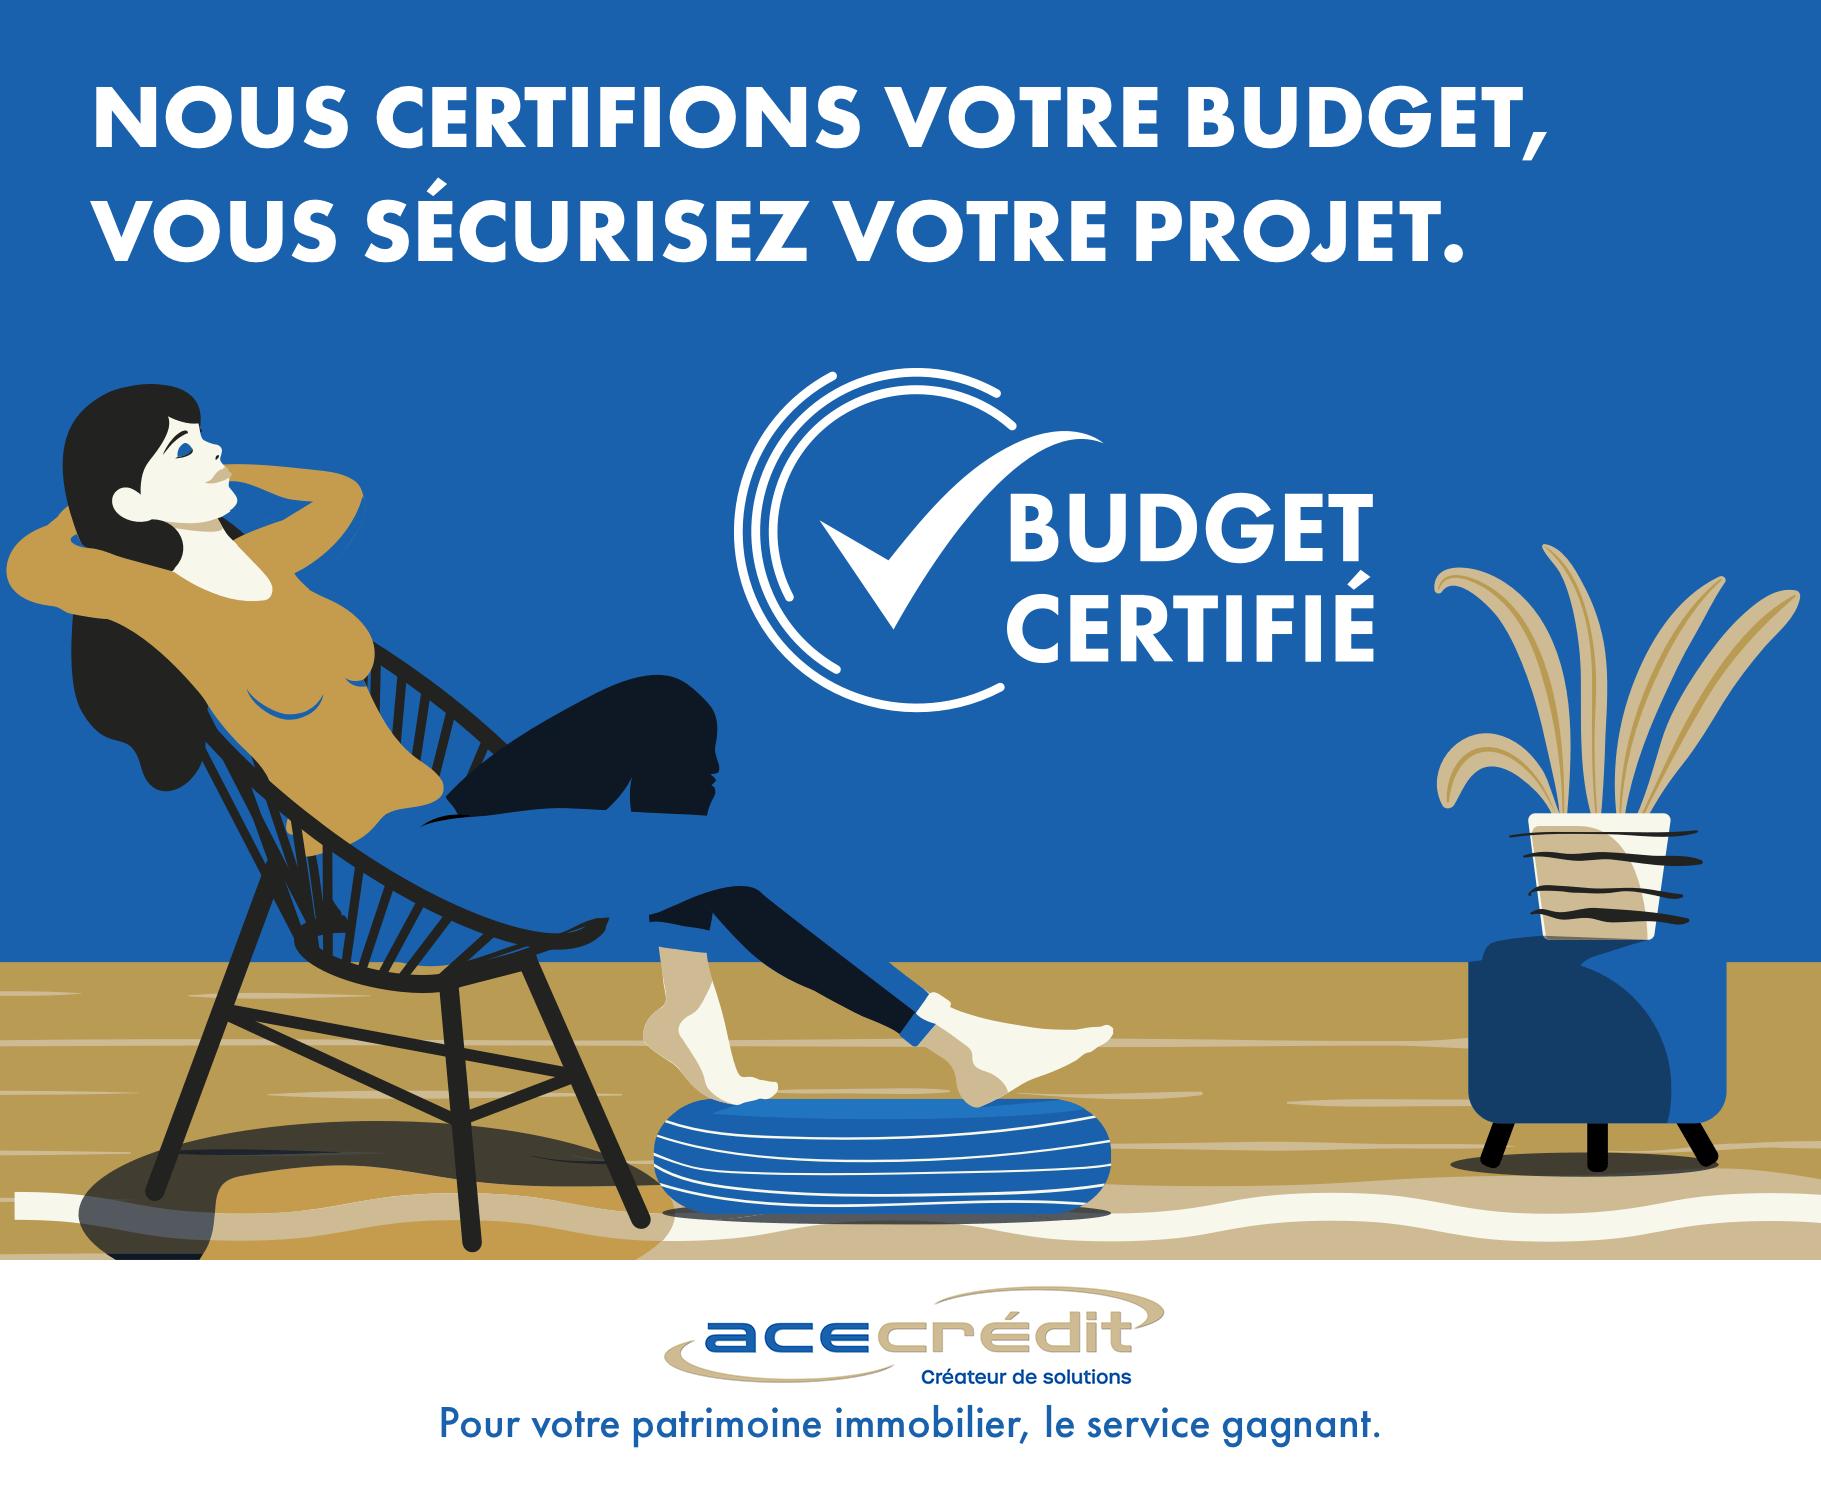 Budget certifié Ace Crédit